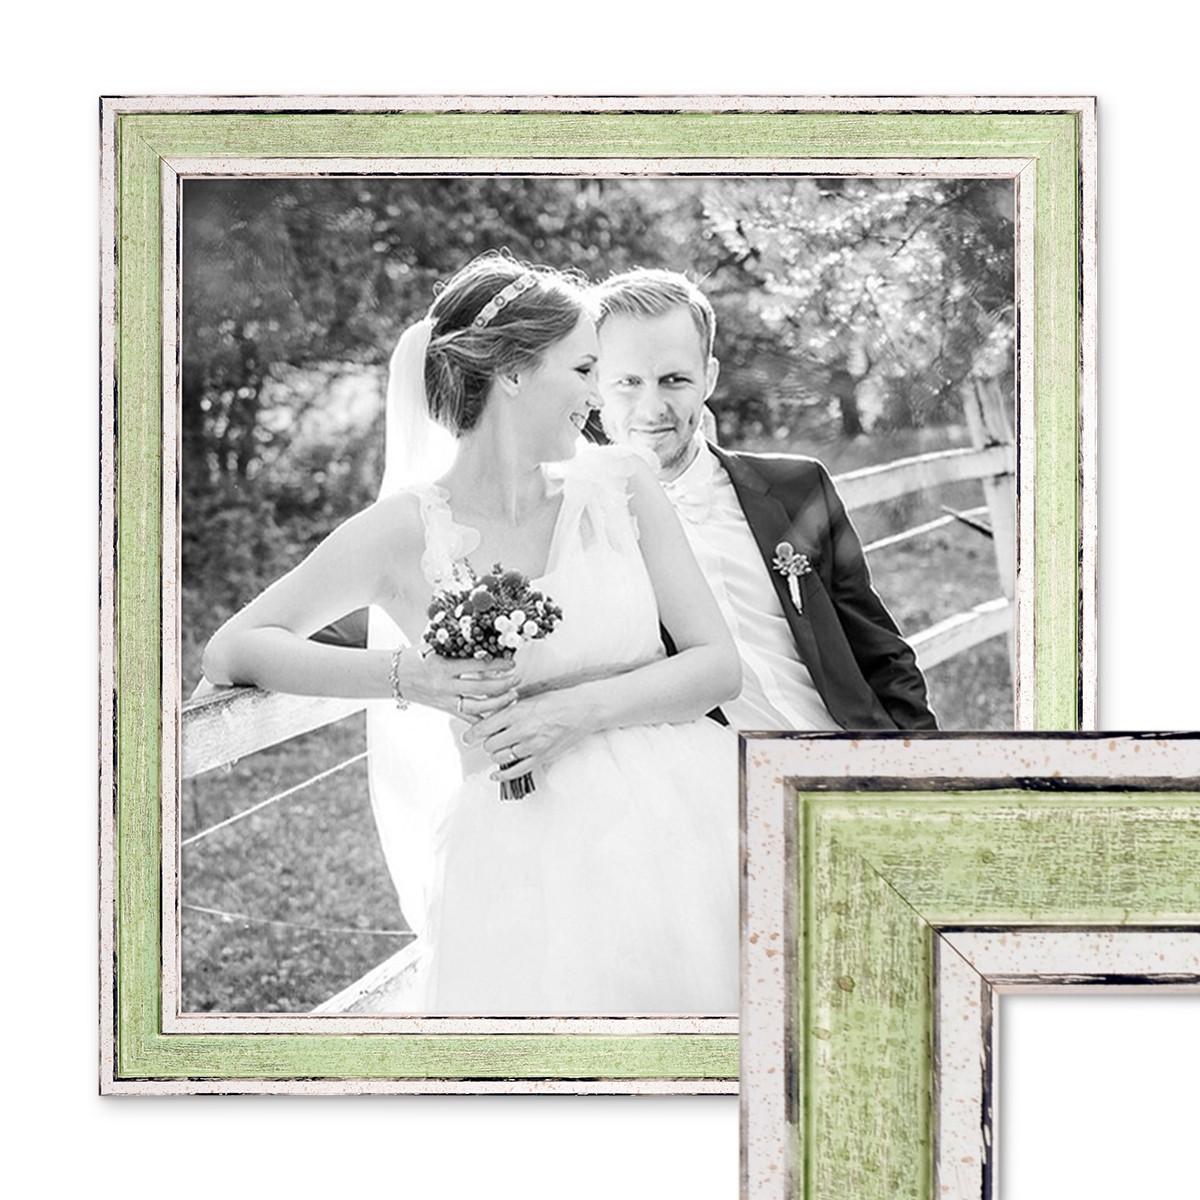 Bilderrahmen Pastell / Alt-Weiß Hellgrün 30x30 cm Massivholz mit ...